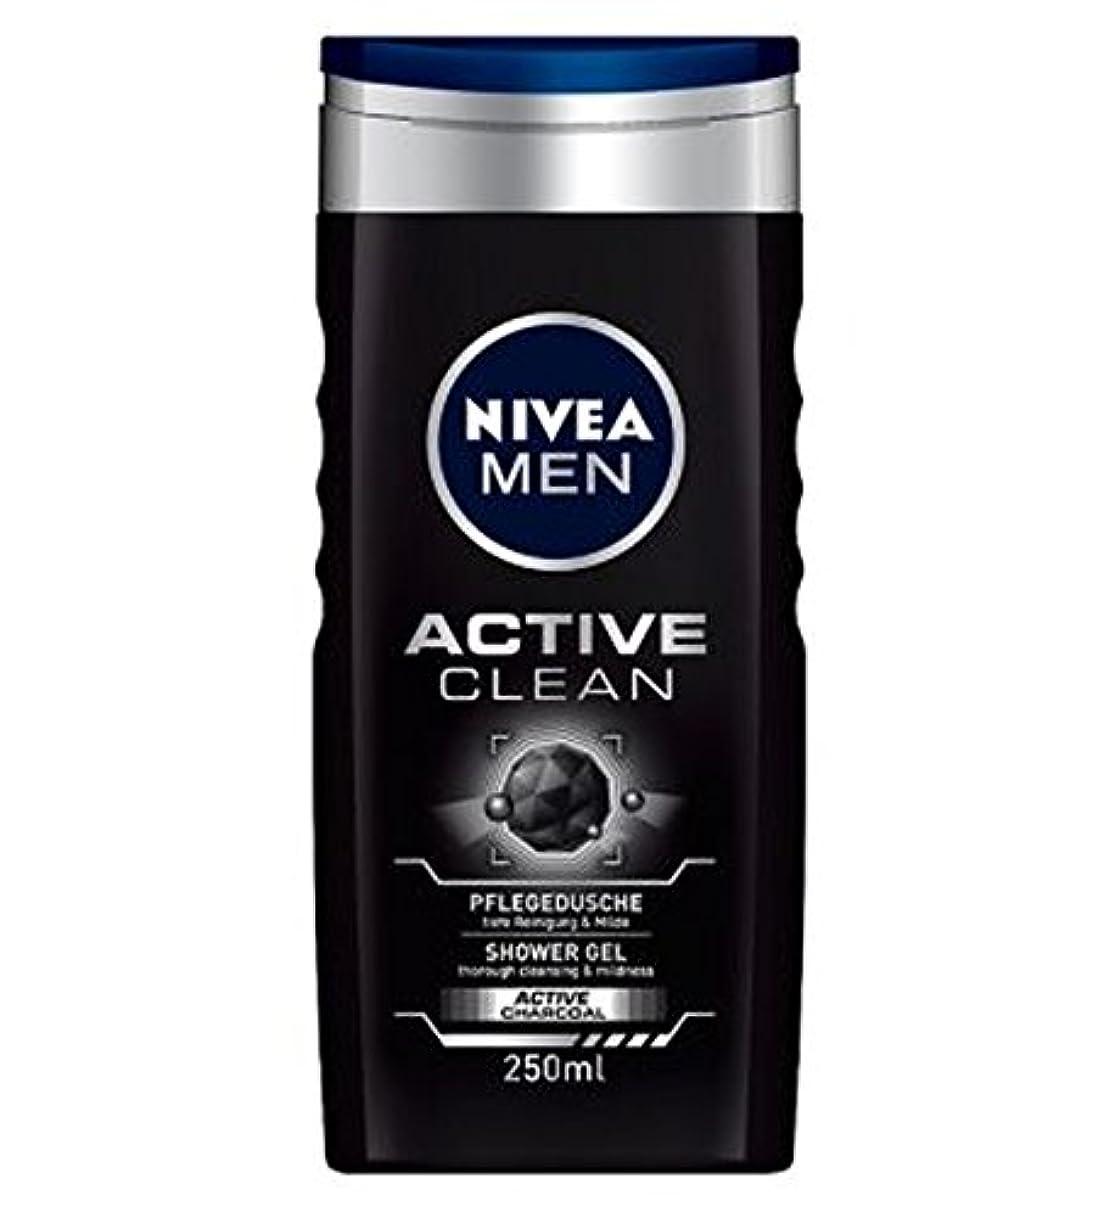 プレビスサイトアイデアシットコムニベアの男性アクティブクリーンシャワージェル250ミリリットル (Nivea) (x2) - NIVEA MEN Active Clean Shower Gel 250ml (Pack of 2) [並行輸入品]